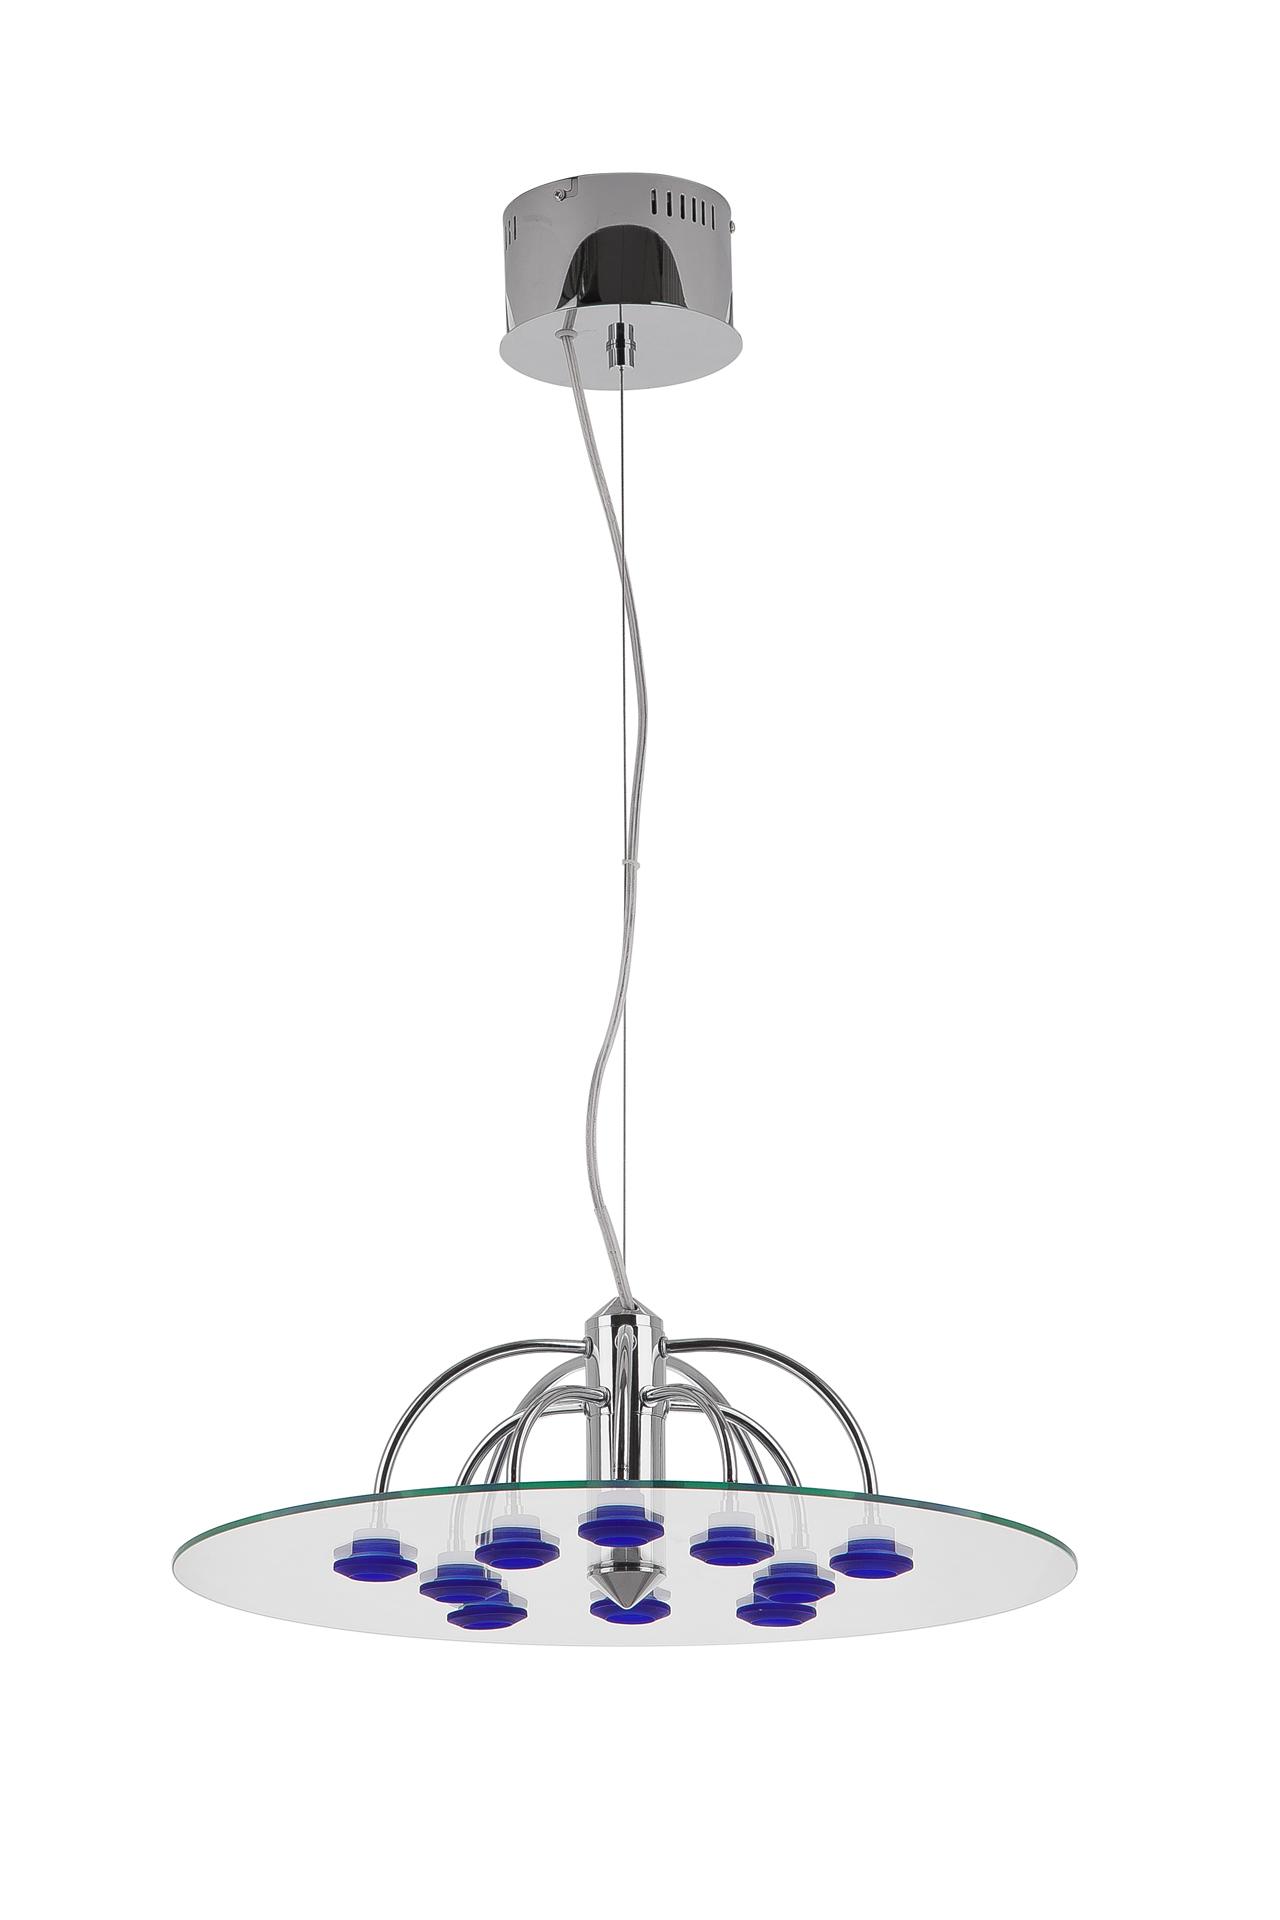 {} CRYSTAL LIGHT Подвесной светильник Umay (56 см)